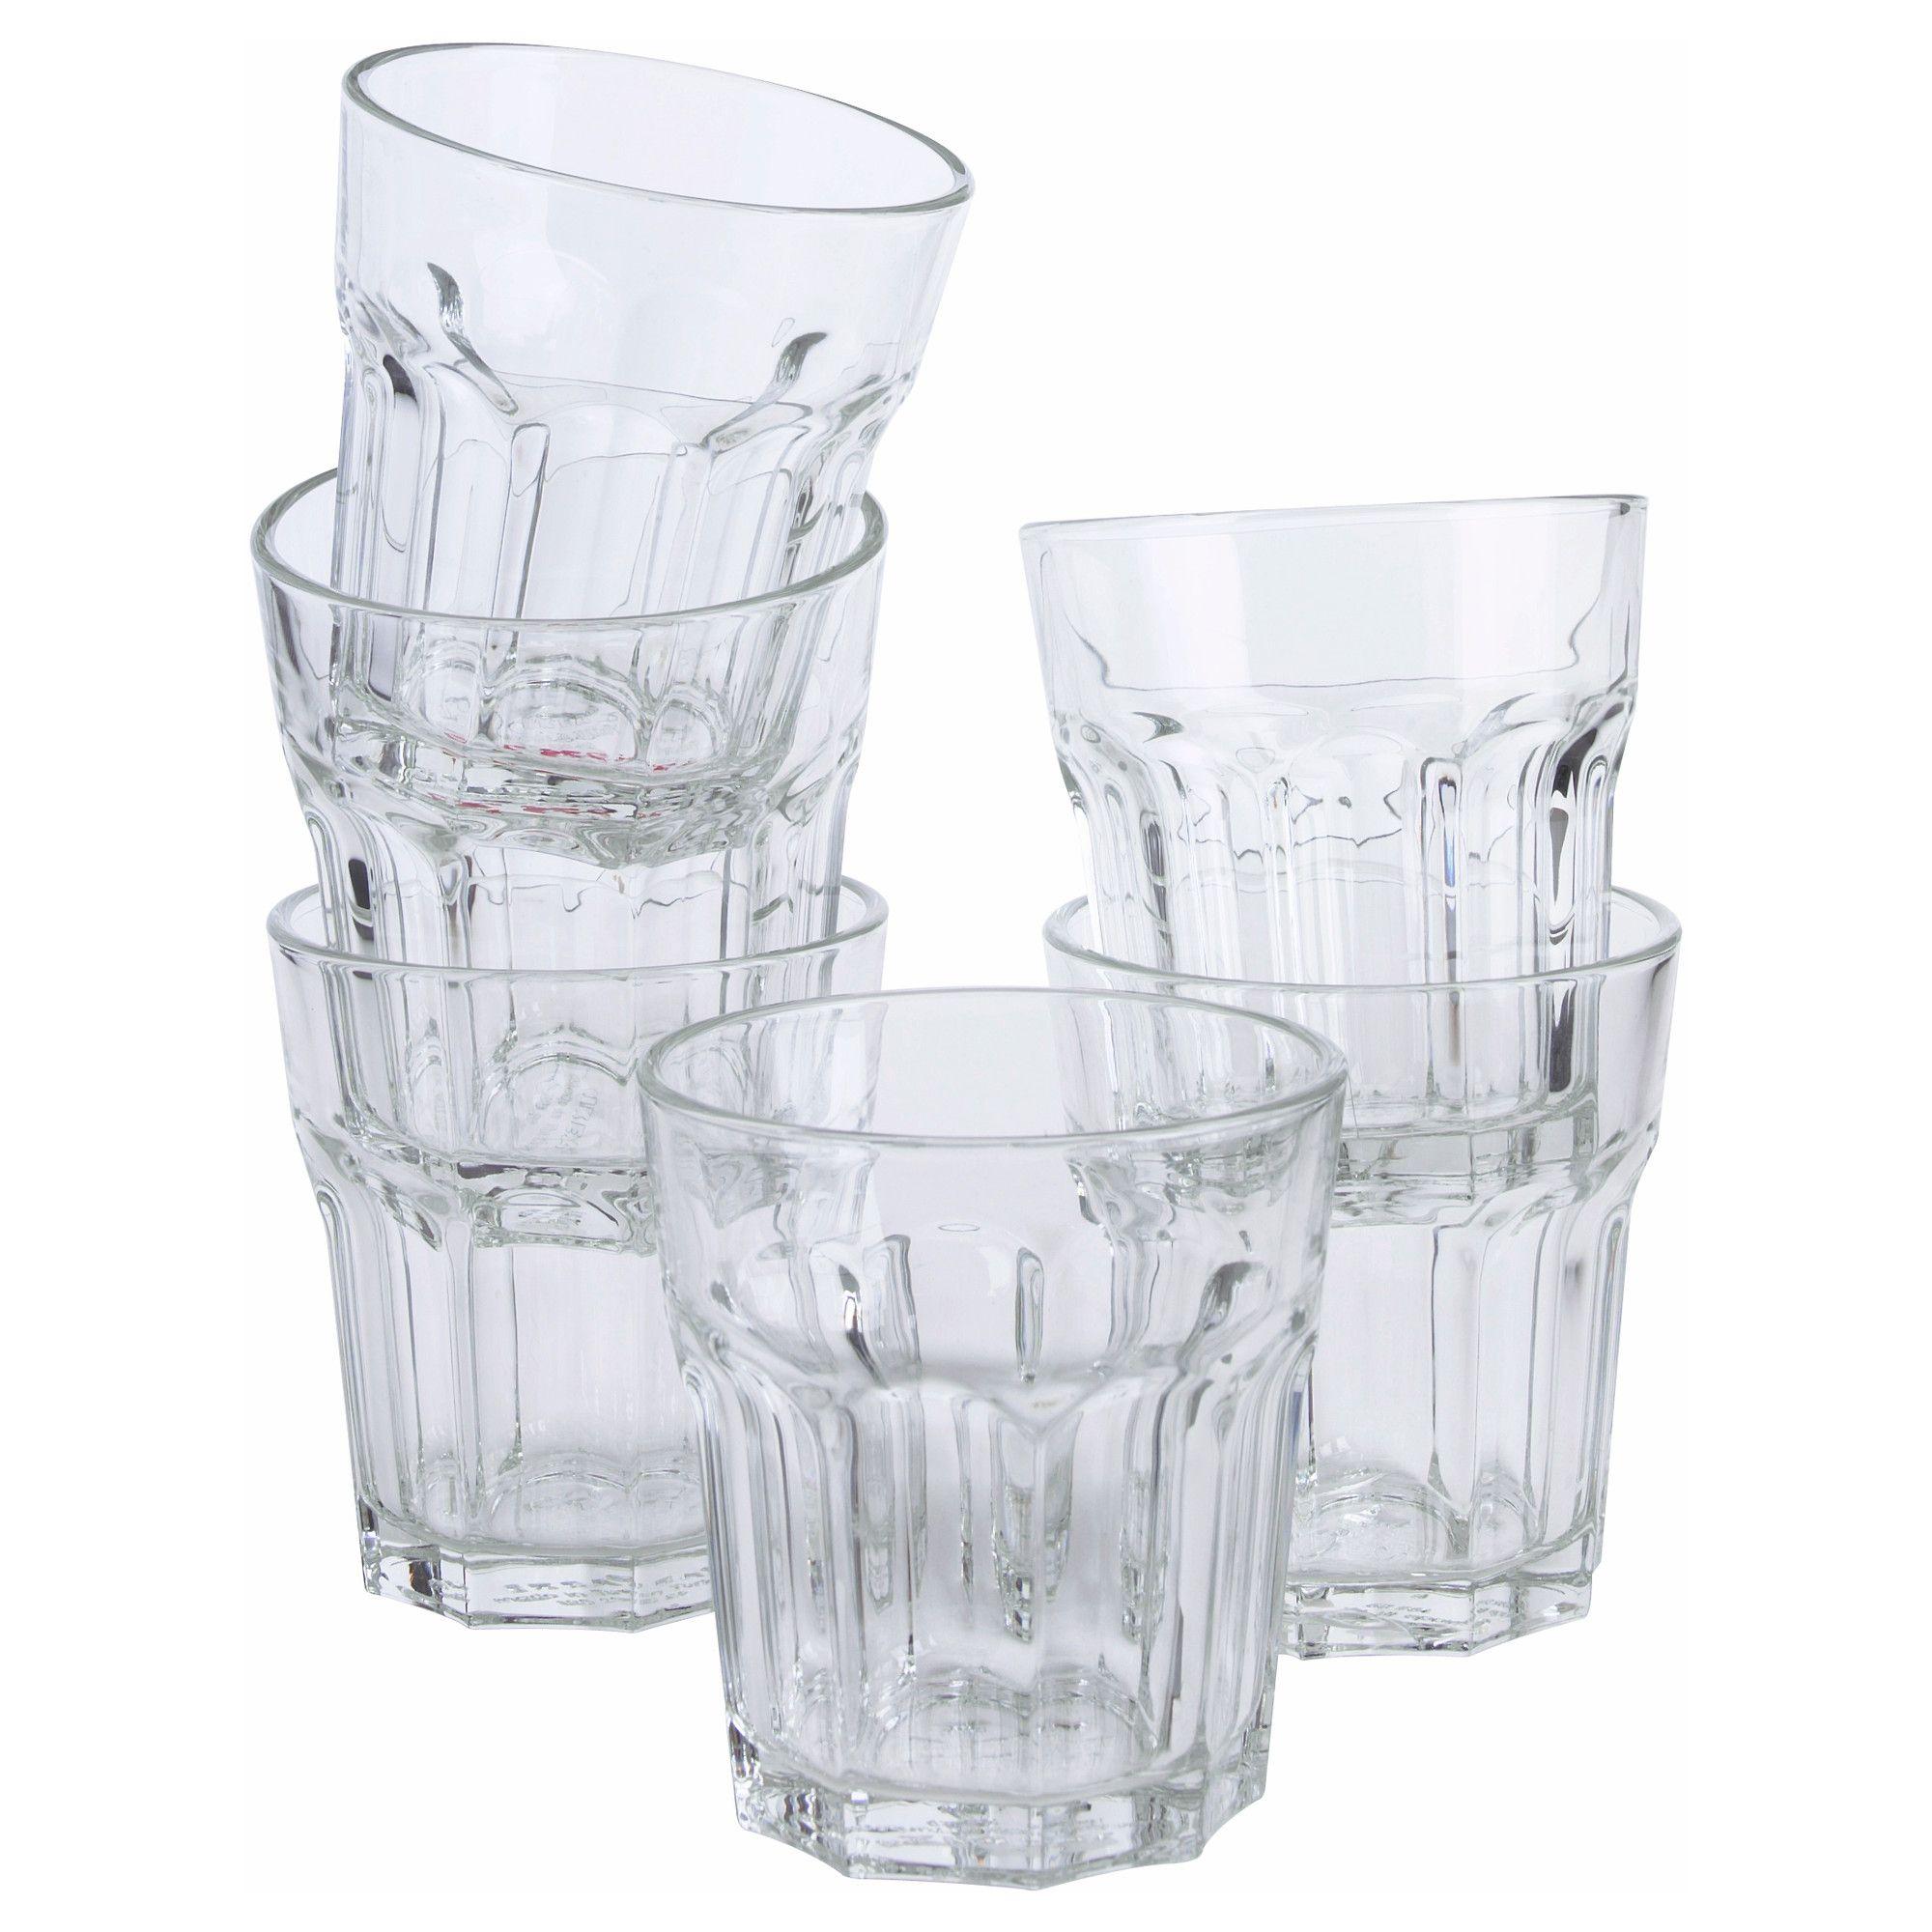 Pokal Glass Ikea Kitchen In 2018 Gläser Ikea Glas Ikea Pokal